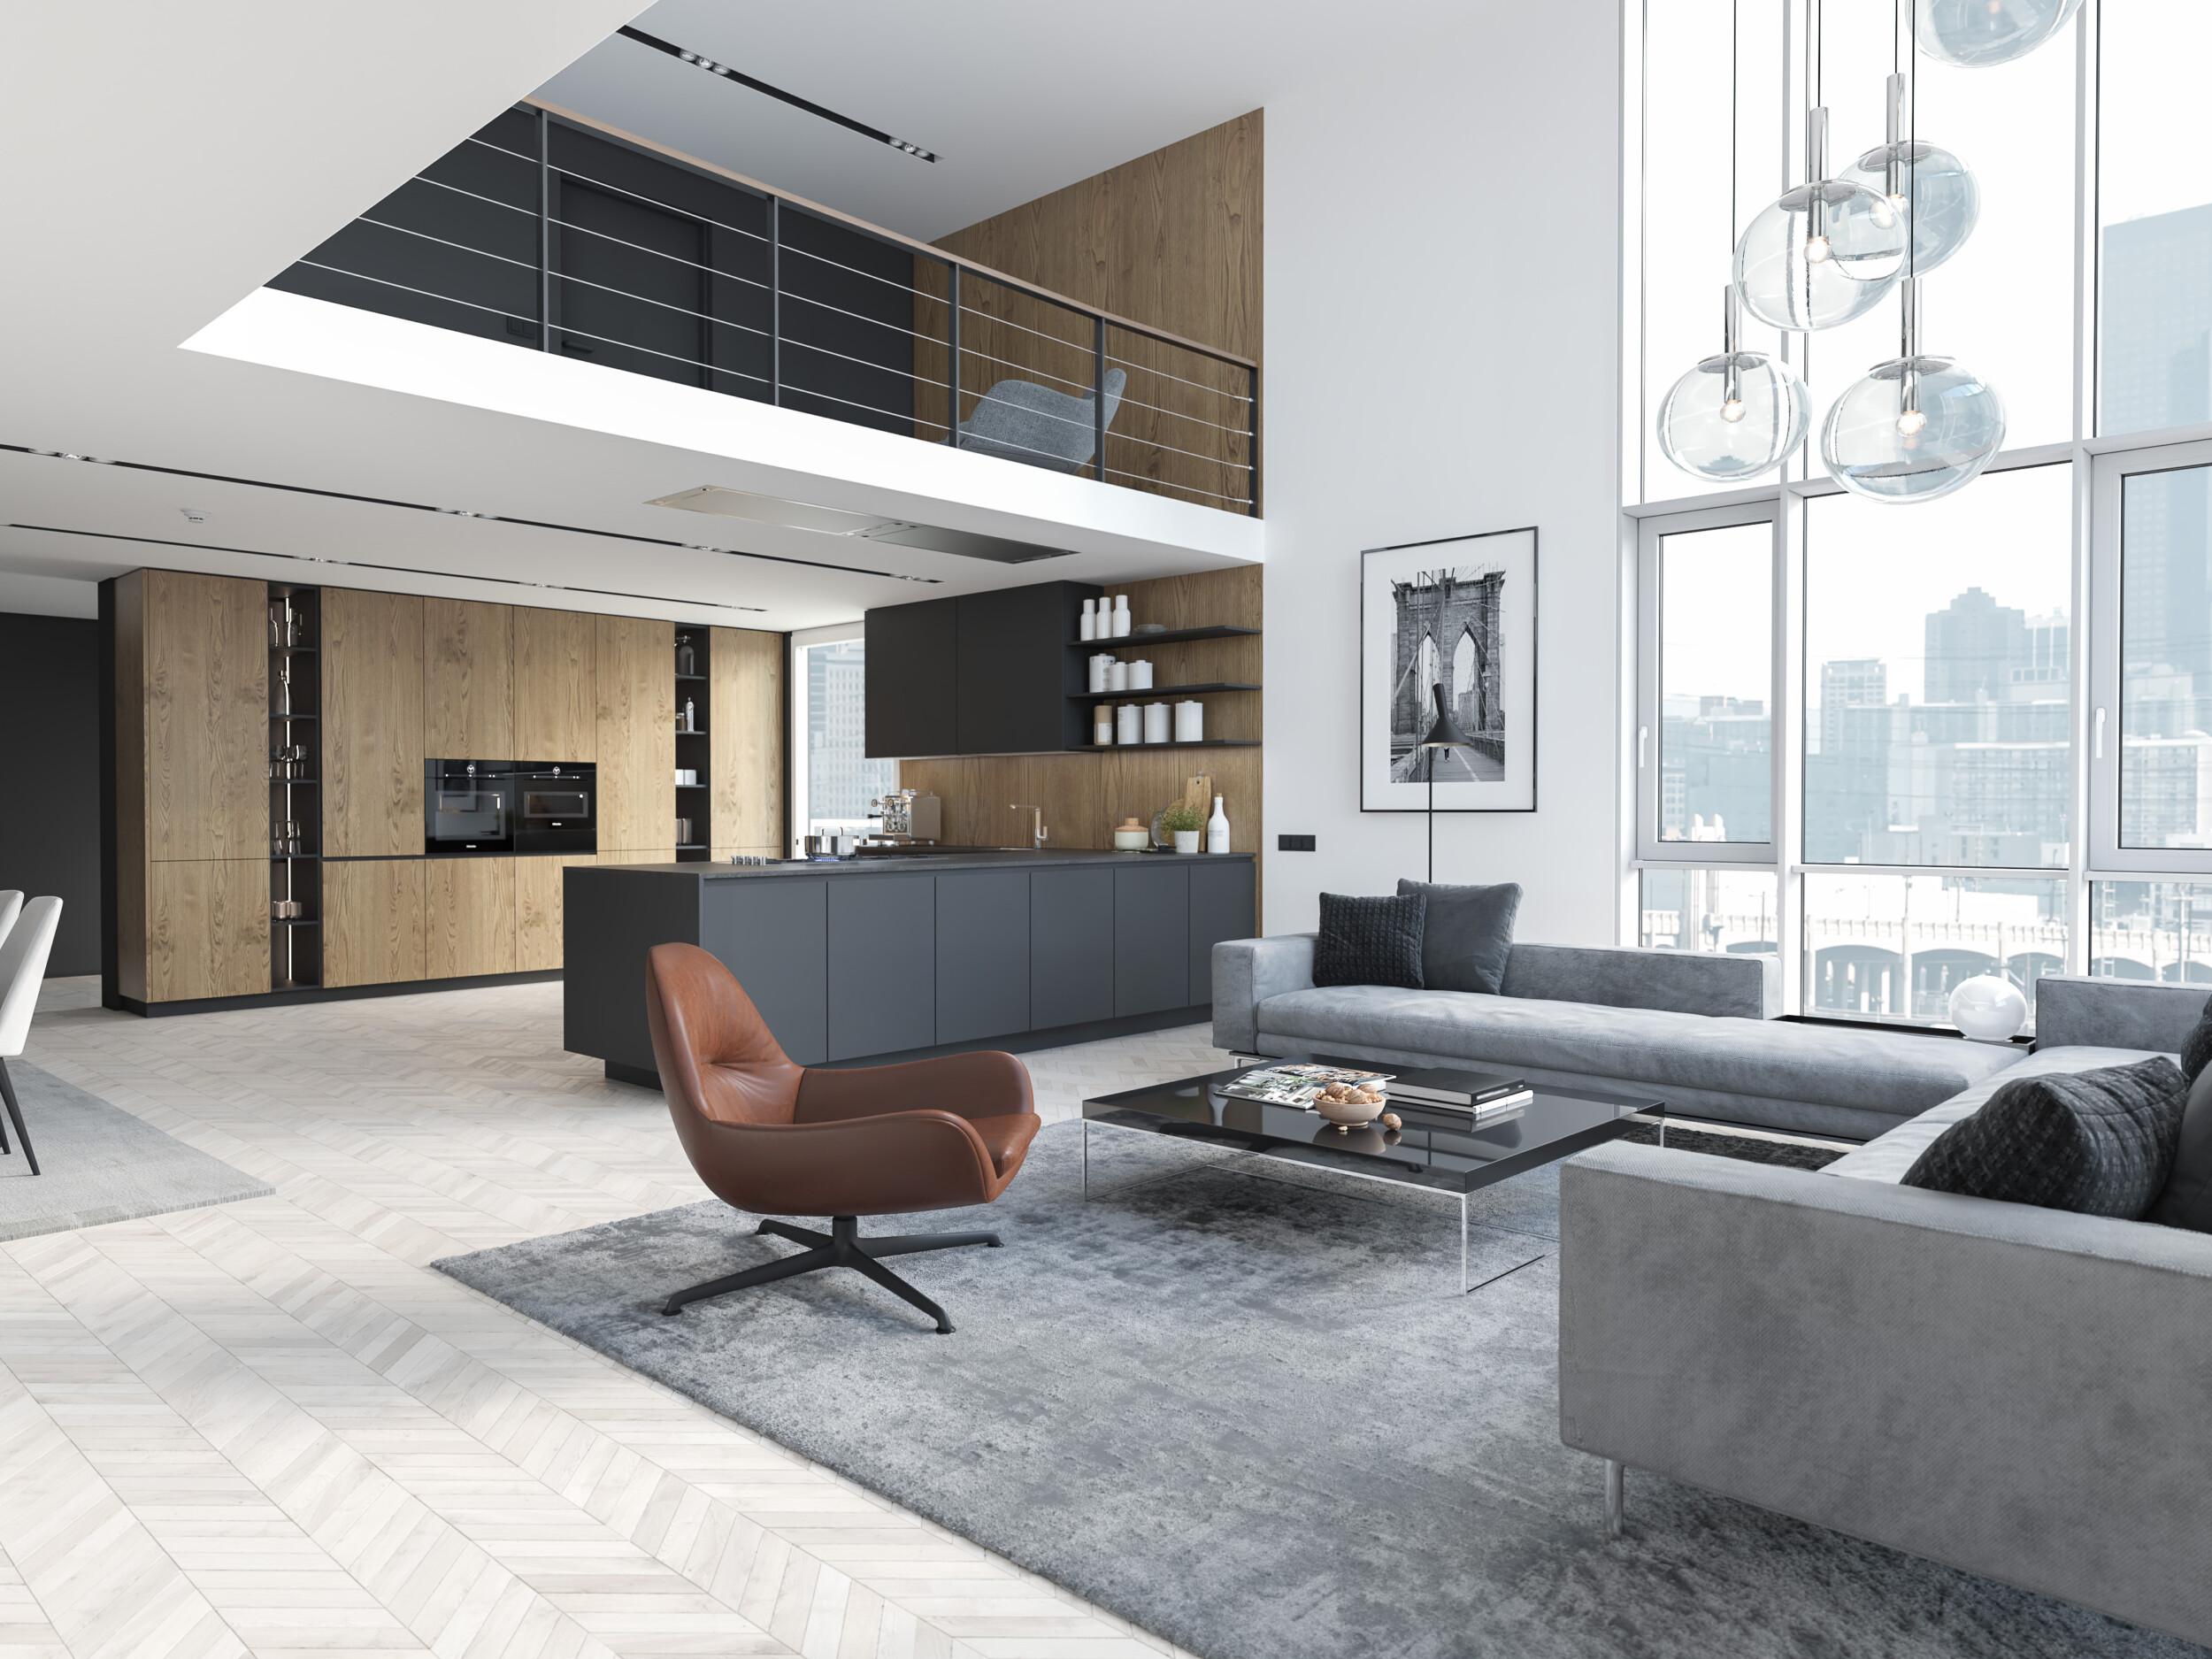 modern urban interior design